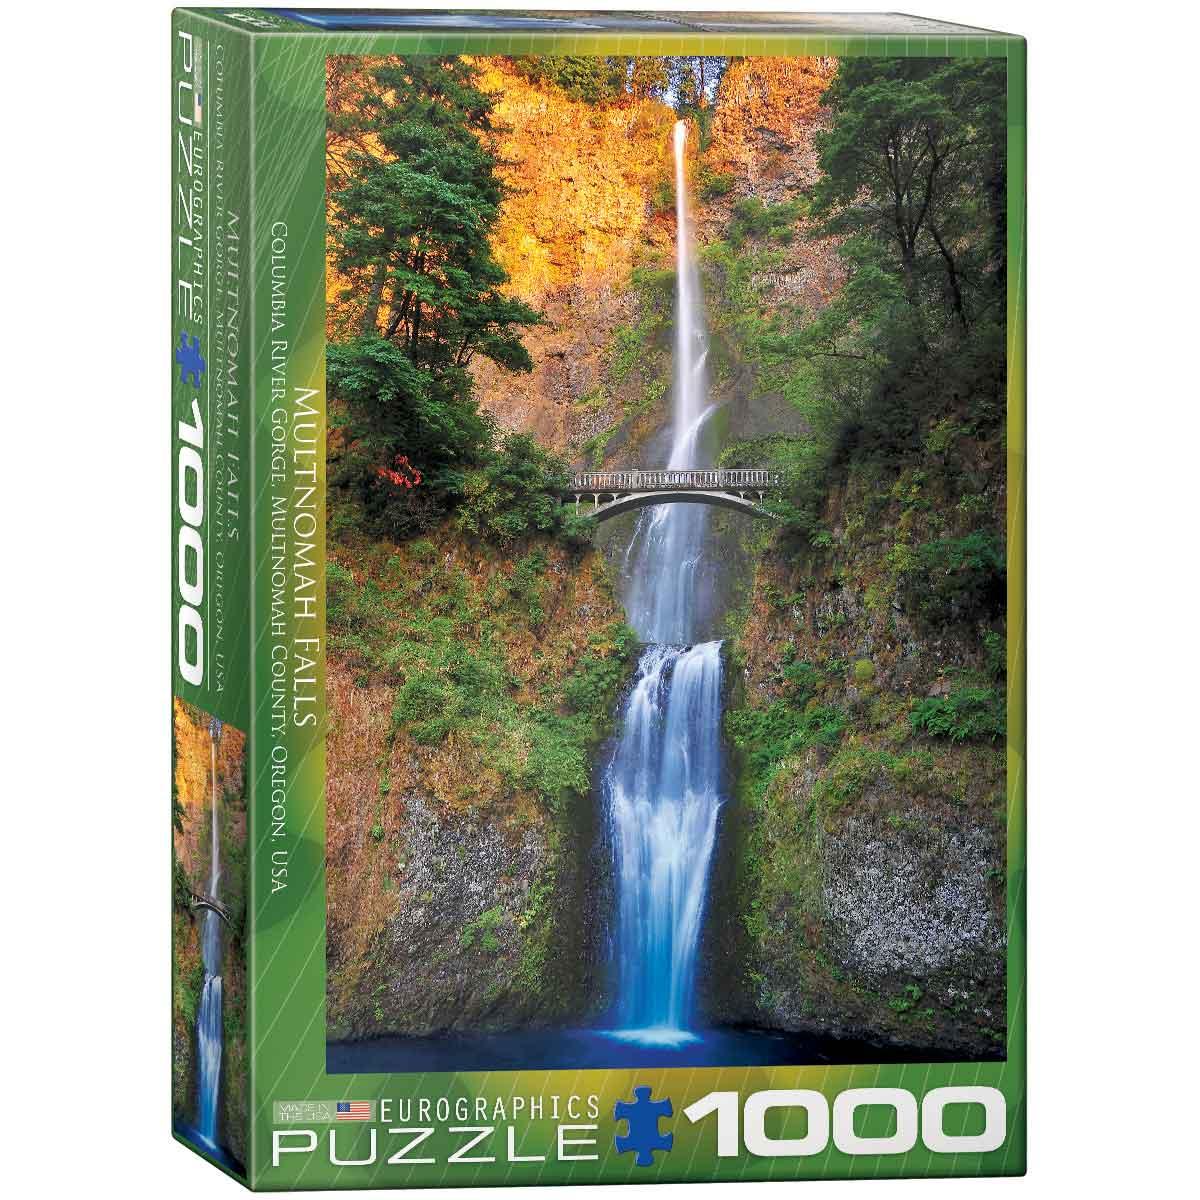 Puzzle Eurographics Cataratas Multnomah, Oregon de 1000 Piezas